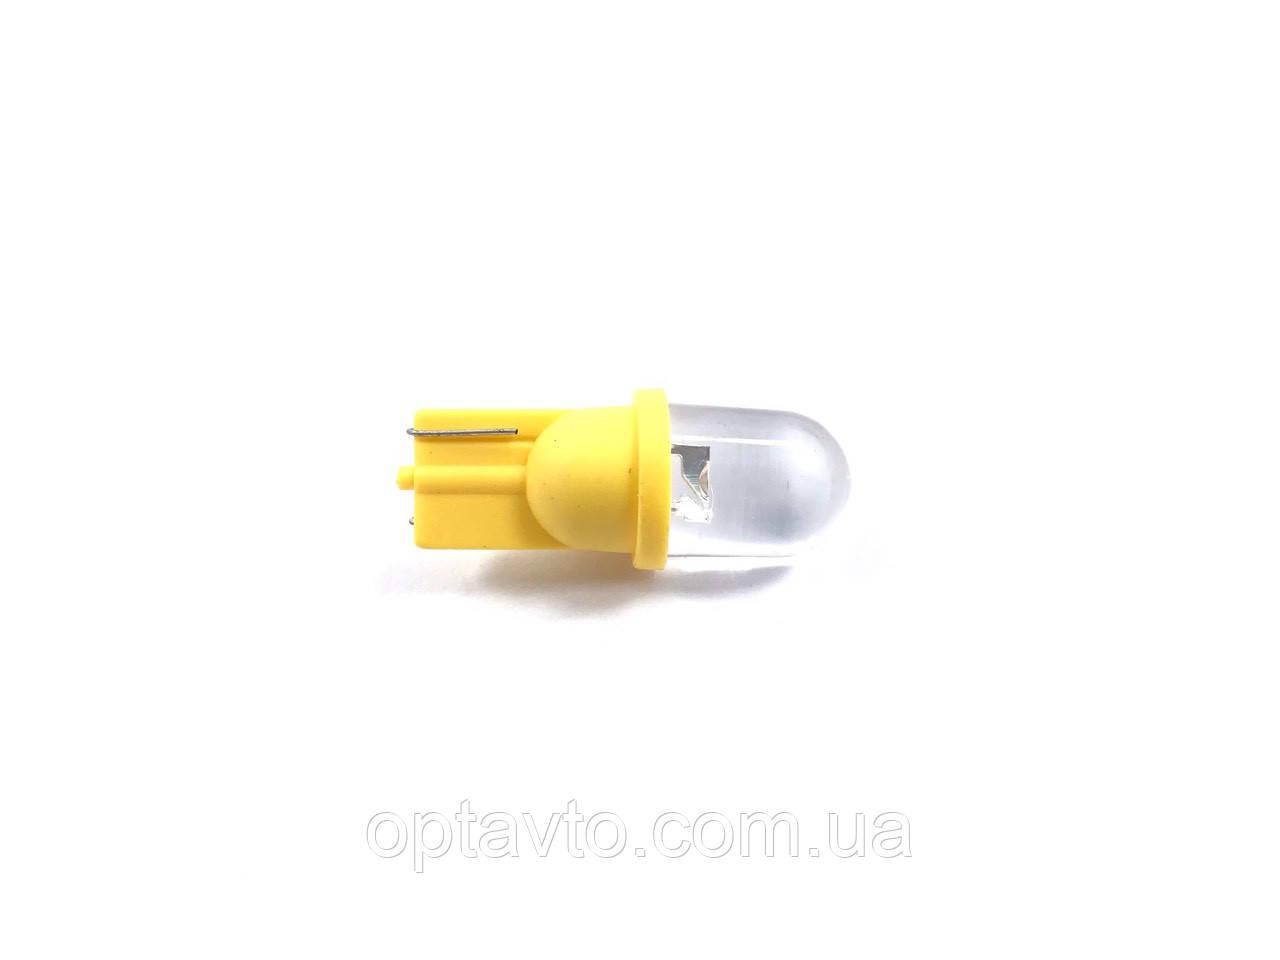 Автомобильные диодные лампы габаритные с цоколем T10 W2.1*9.5D / желтая